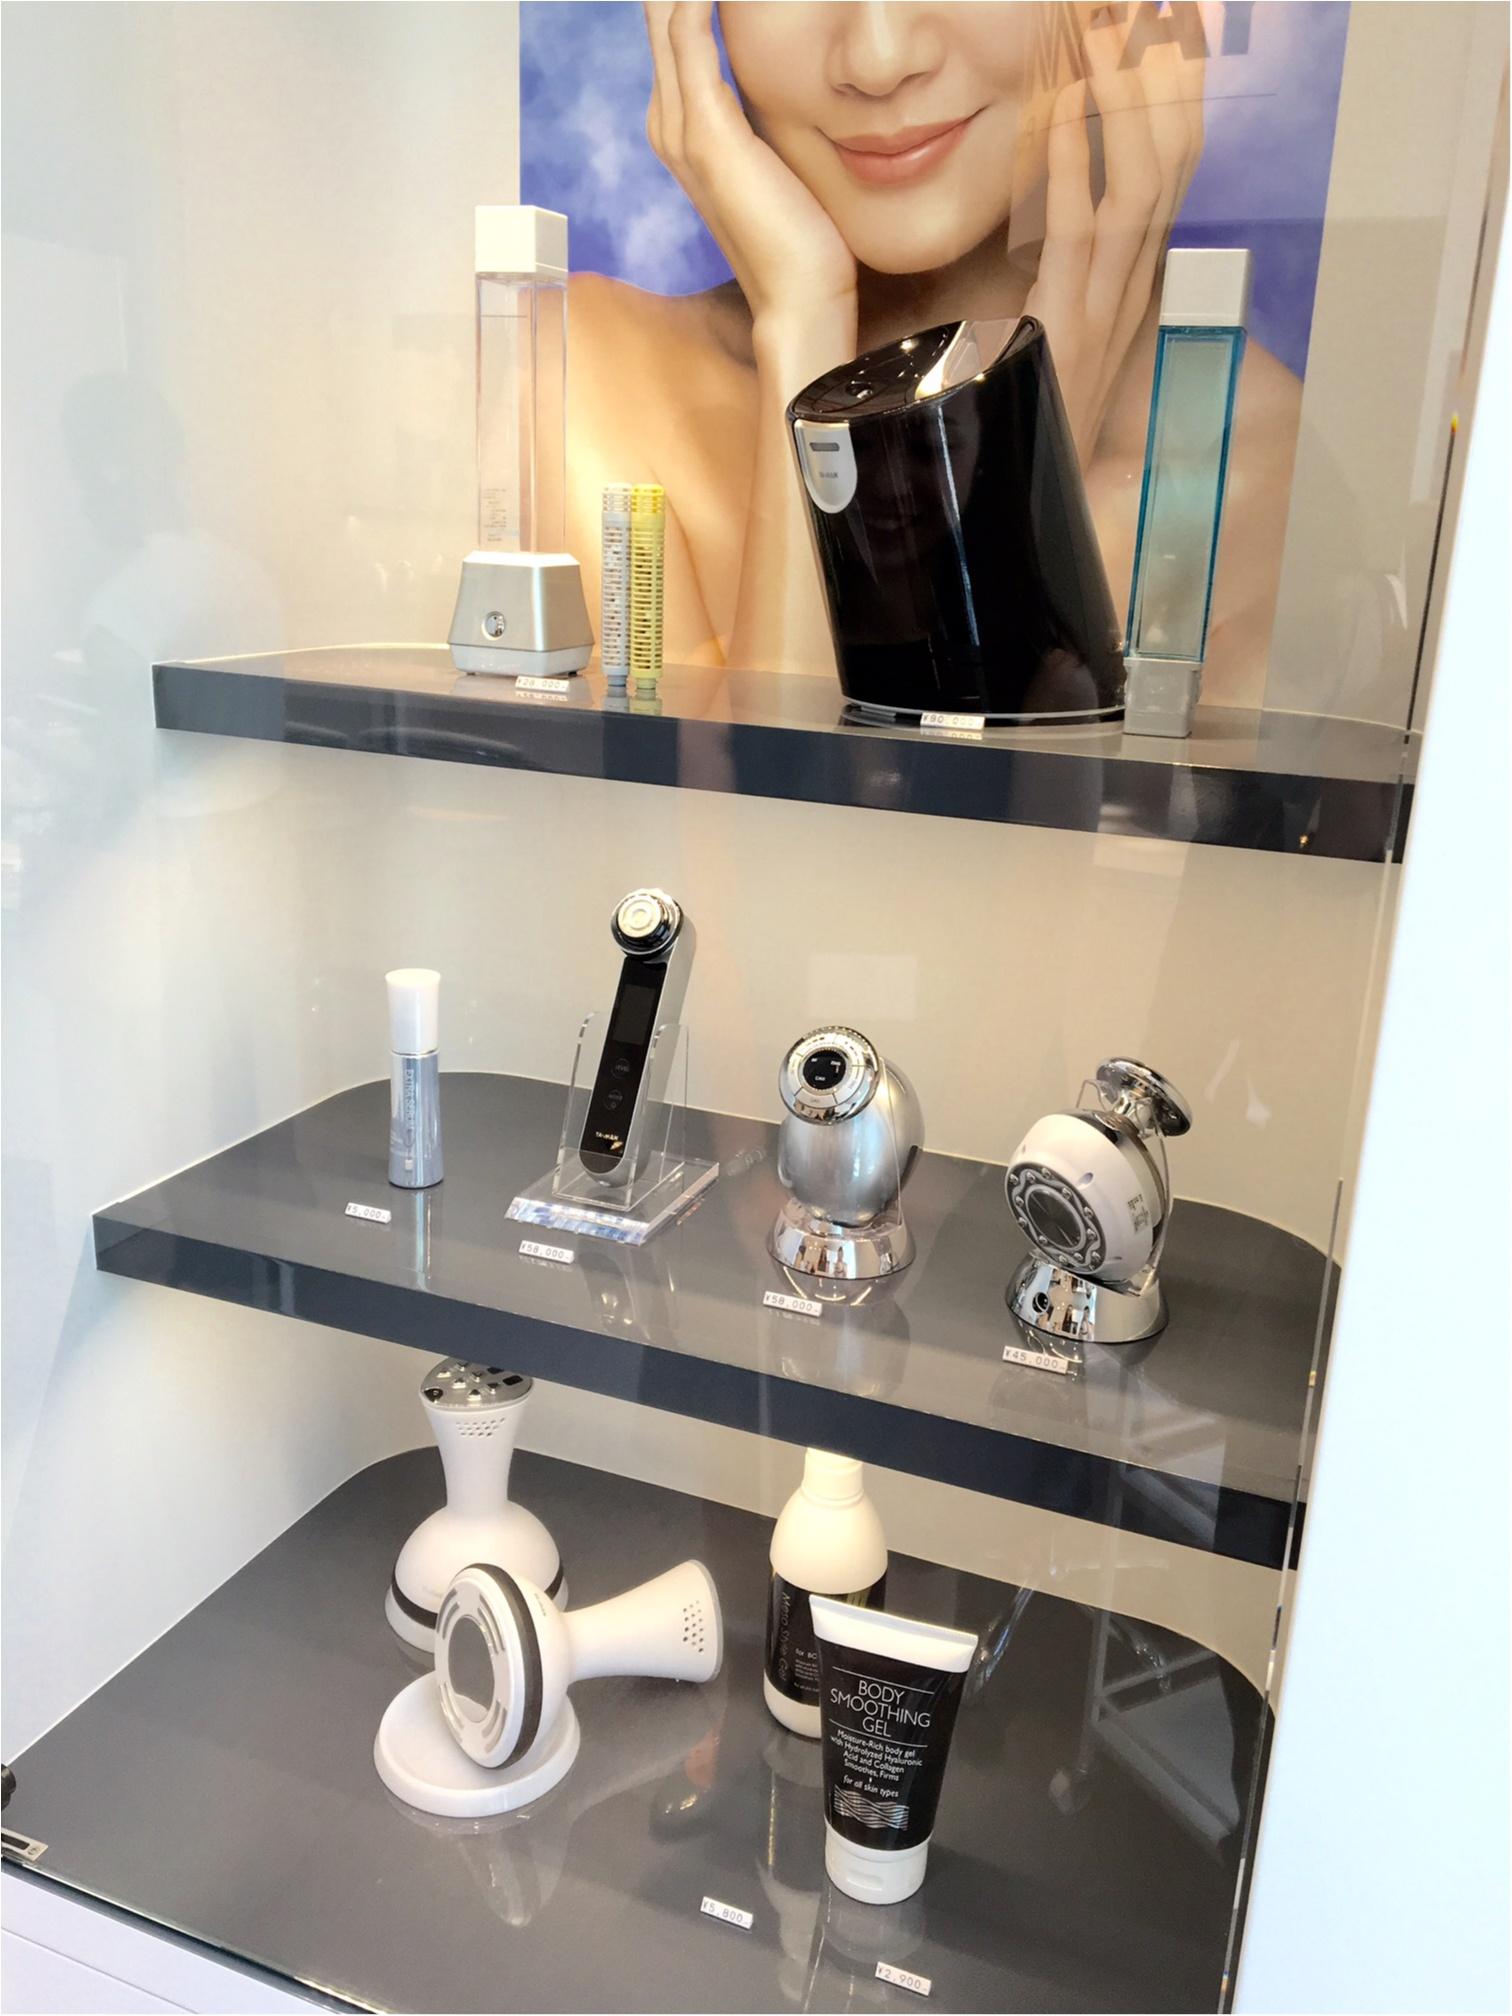 エステ専売の美容家電をお試し♡ 『ヤーマン』の直営店が銀座にオープン!_2